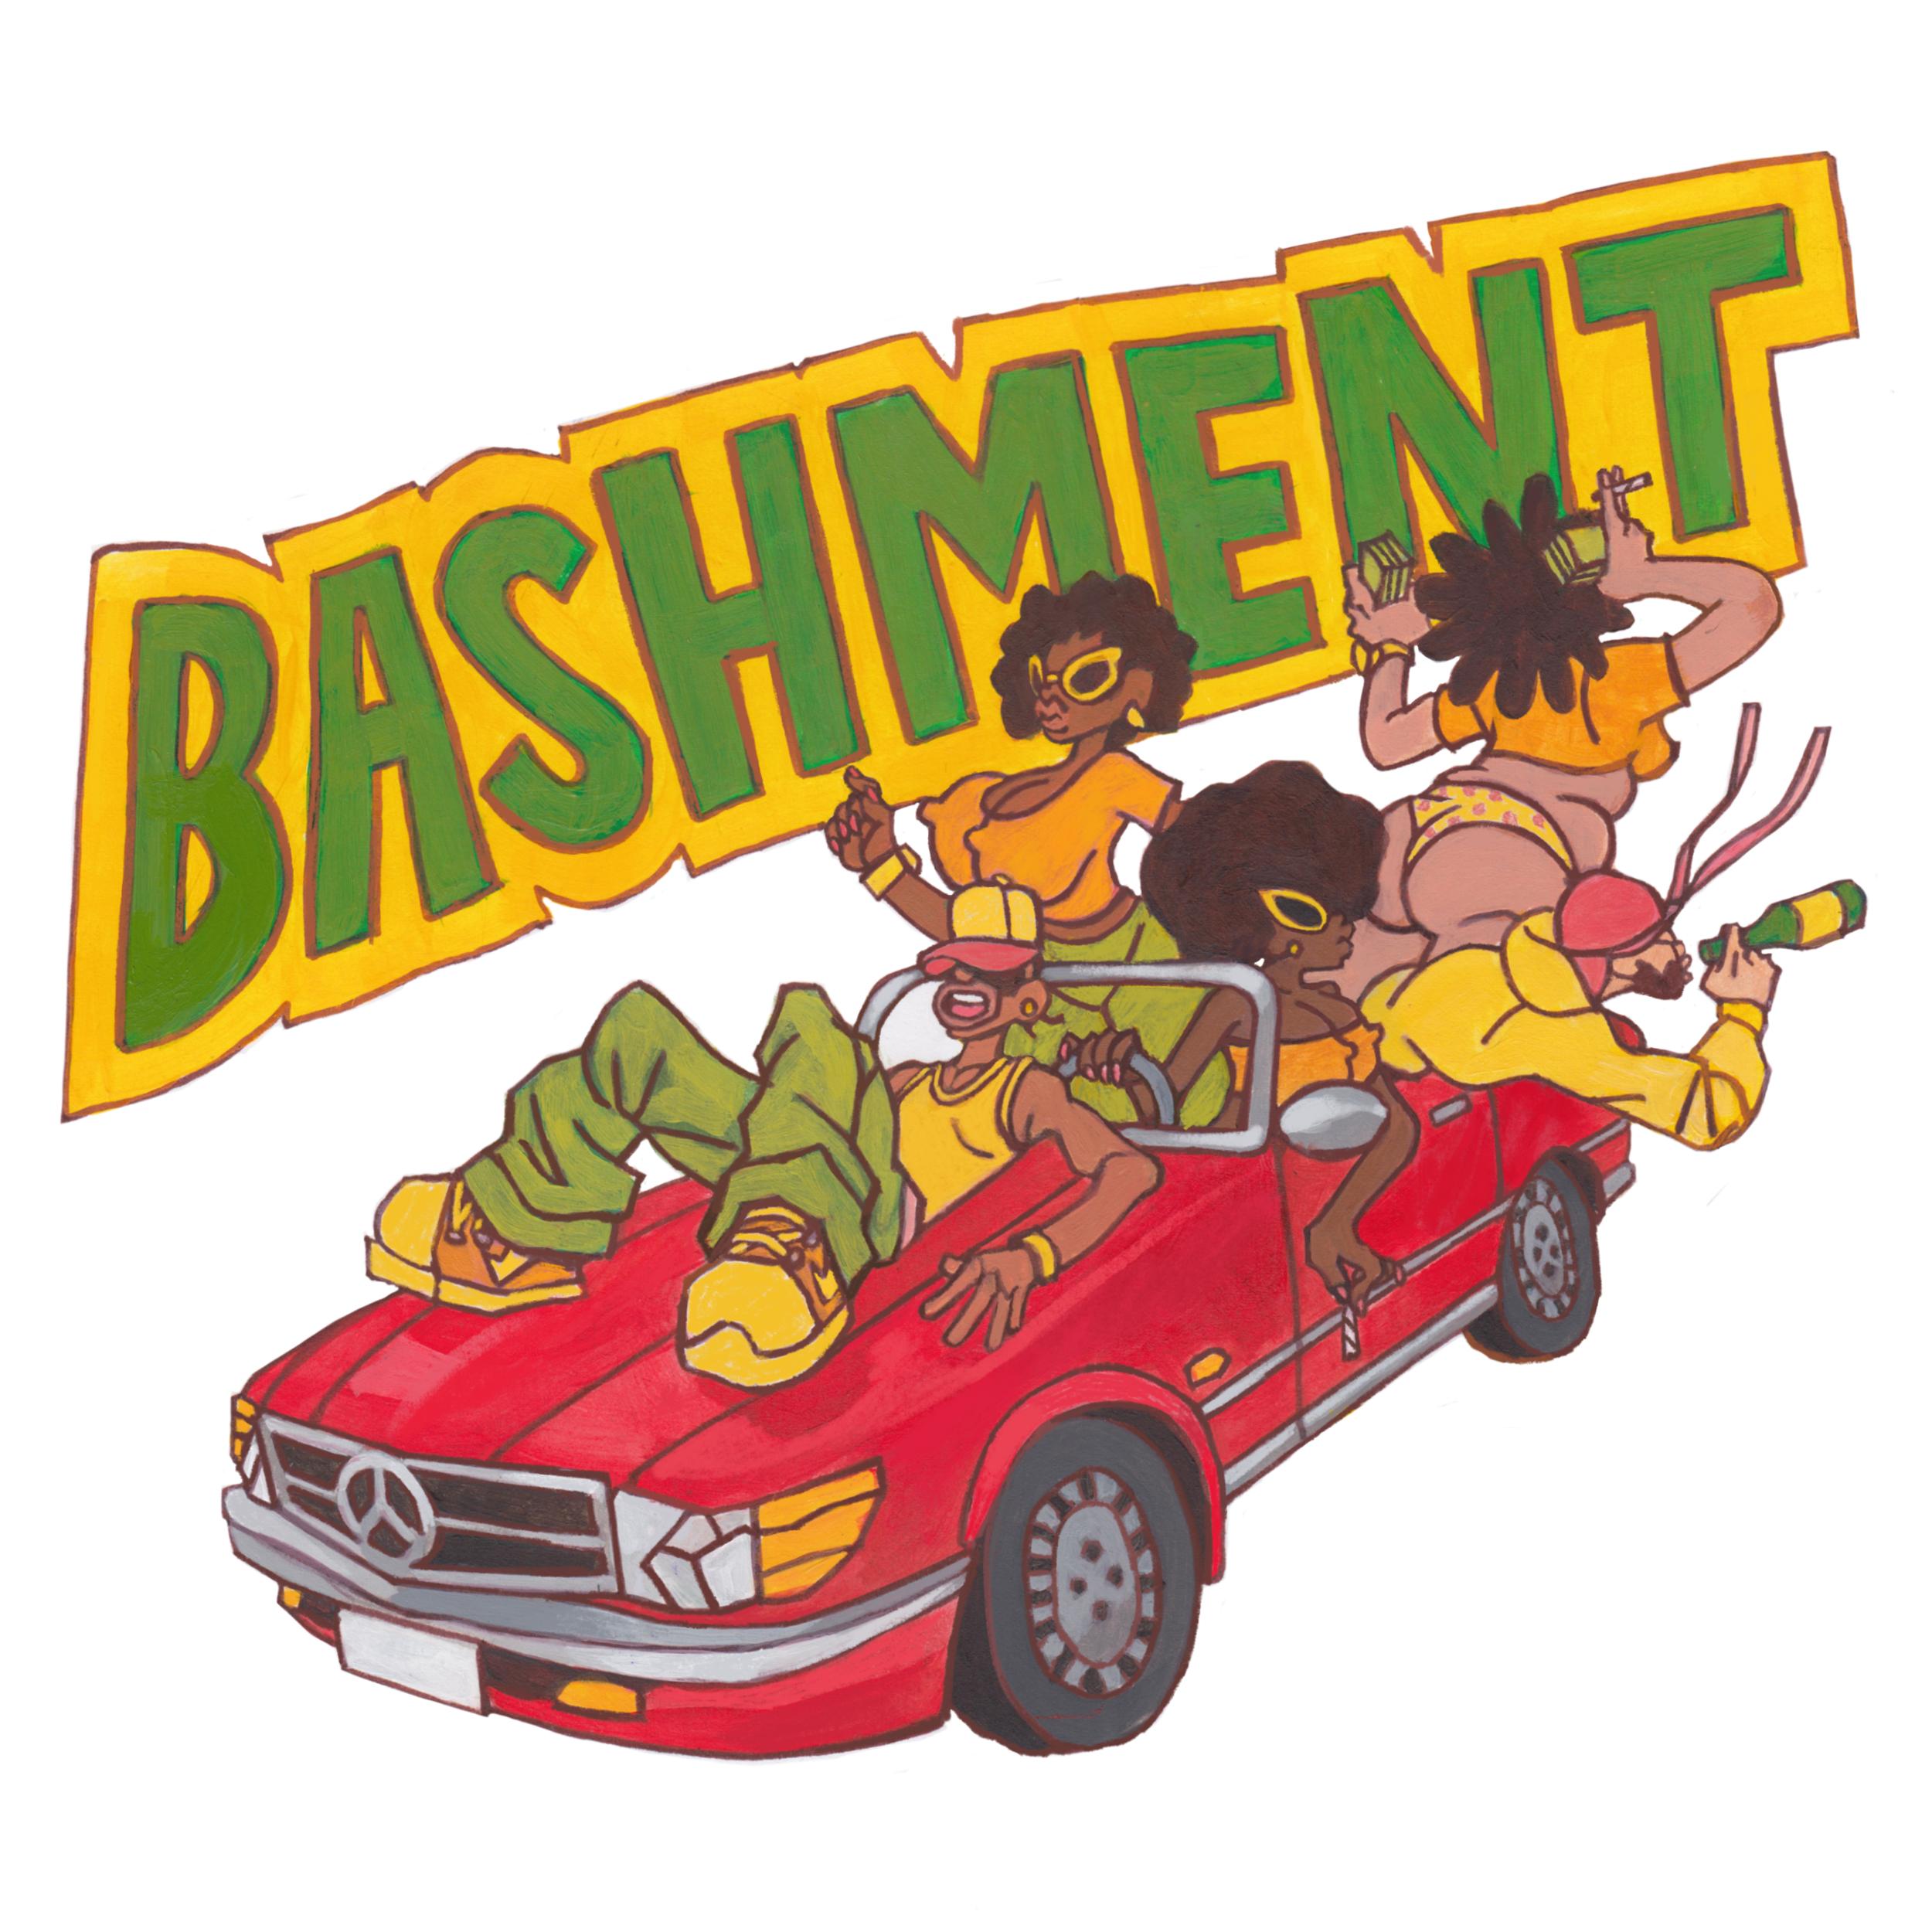 GOODFAITH_003 BASHMENT